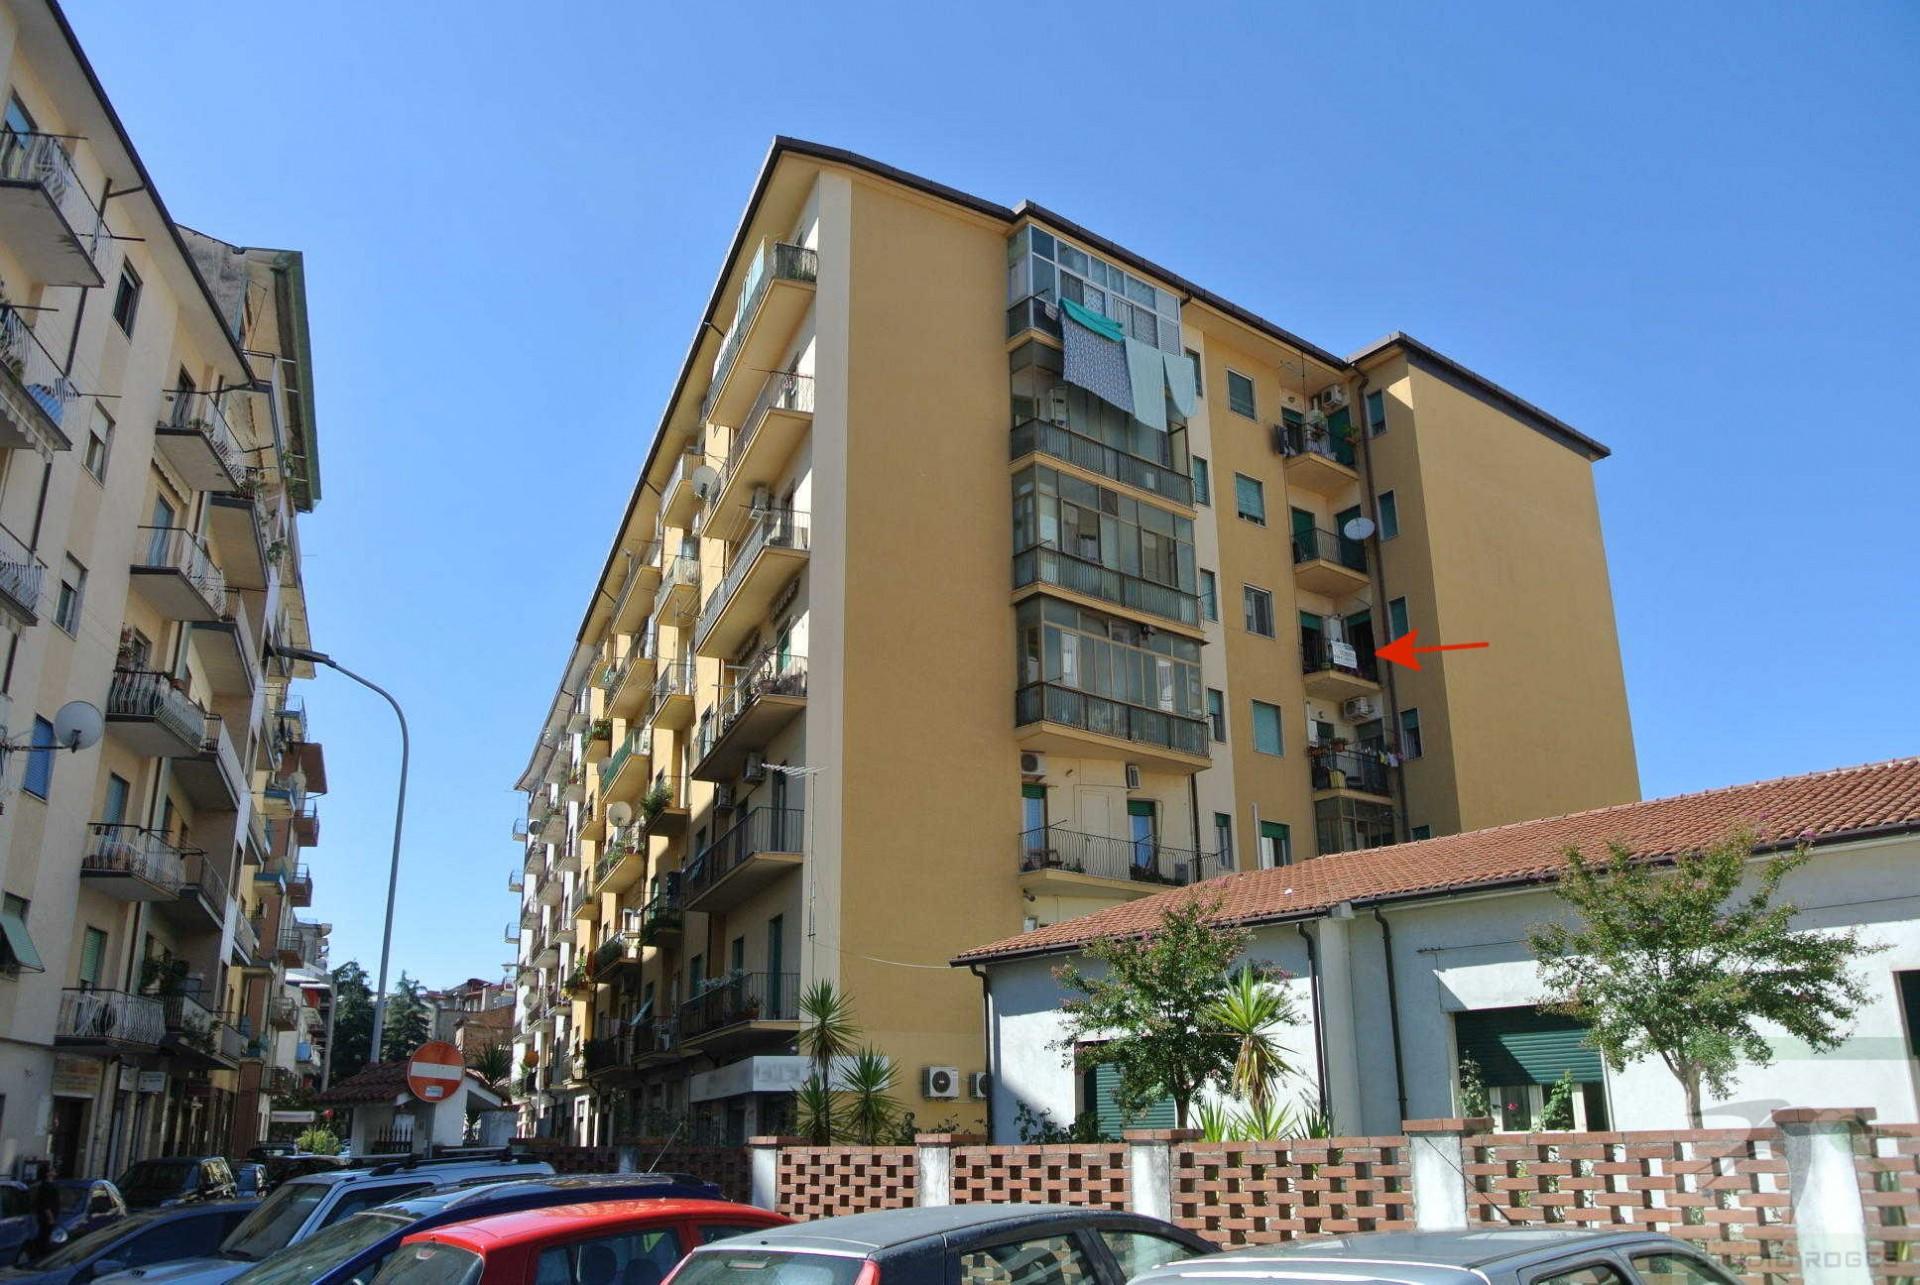 Appartamento in Vendita 101,38 mq - N. camere: 3 - - Cosenza - Cosenza (CS)